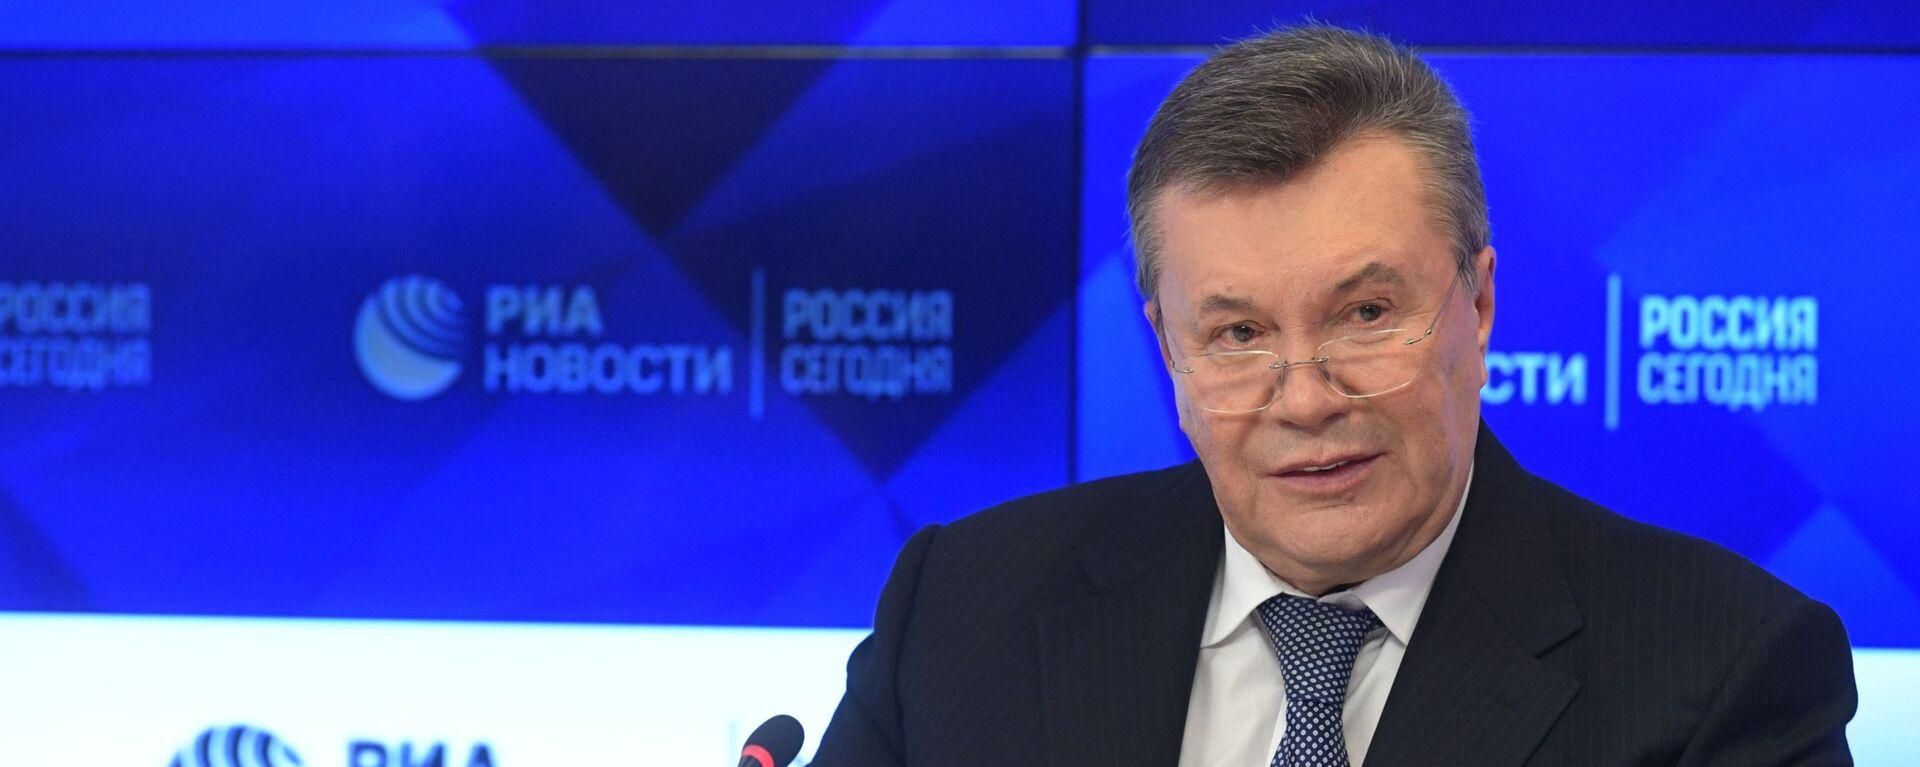 Бывший президент Украины Виктор Янукович  - Sputnik Грузия, 1920, 17.08.2021